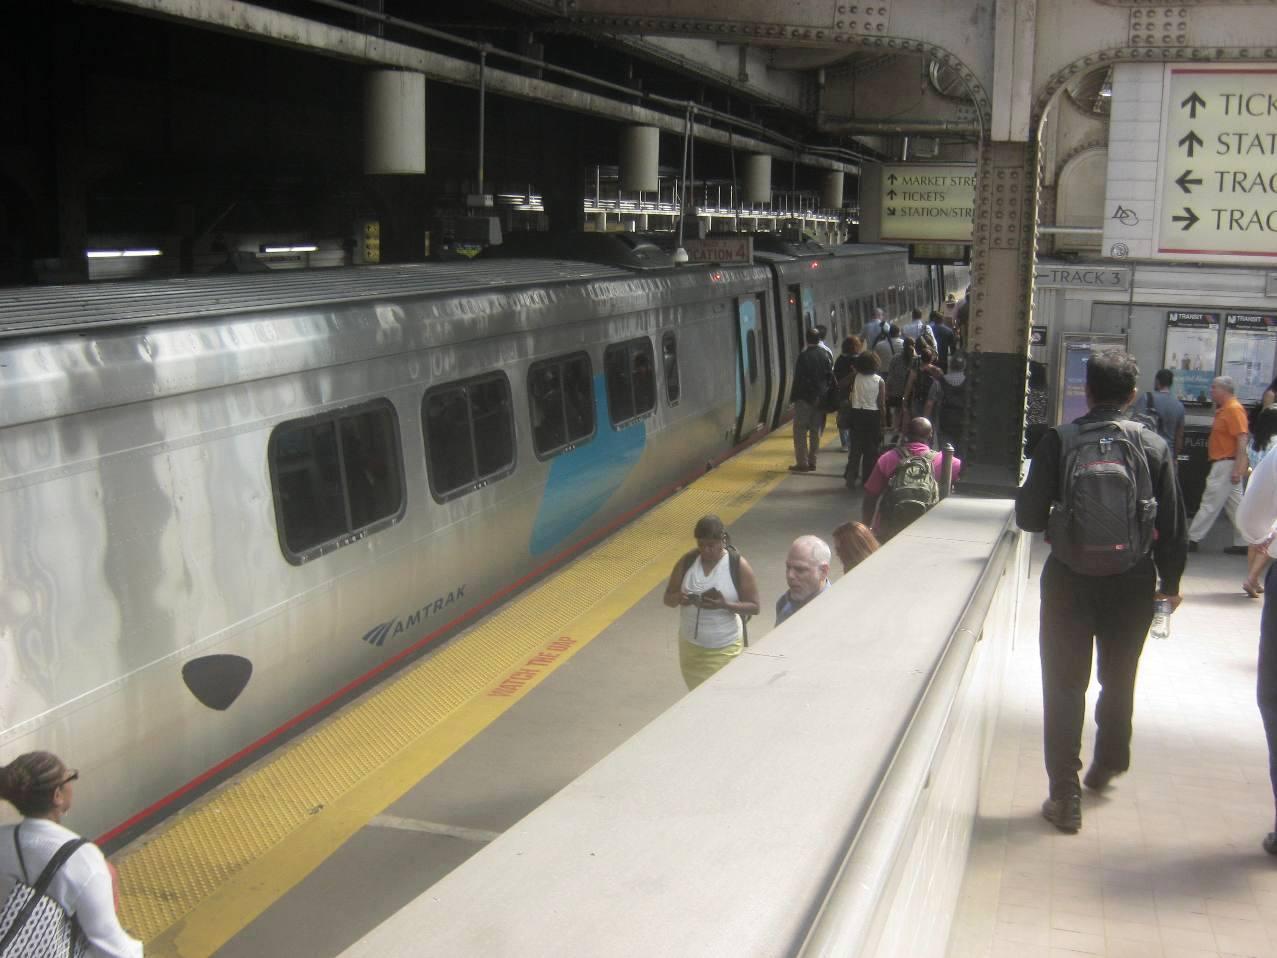 ニューアークPenn駅のアムトラック列車。